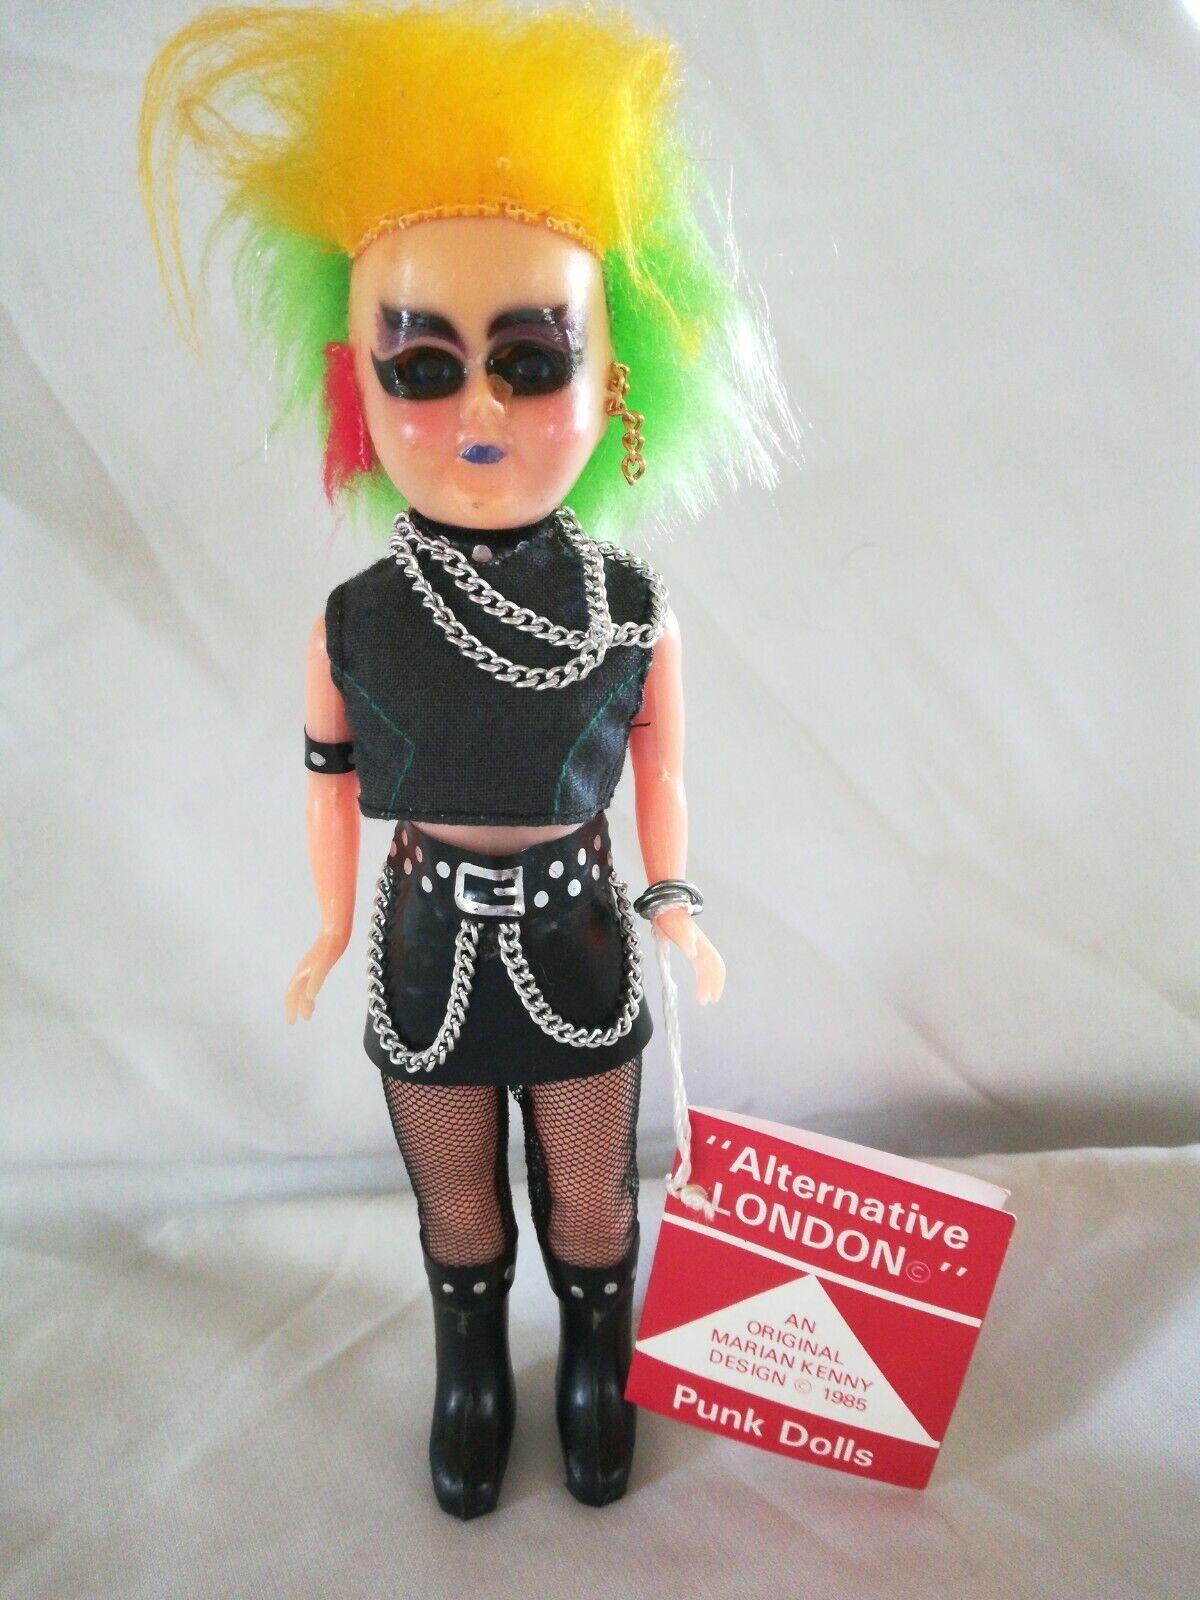 Alternative Punk Doll By Marian Kenny 1985